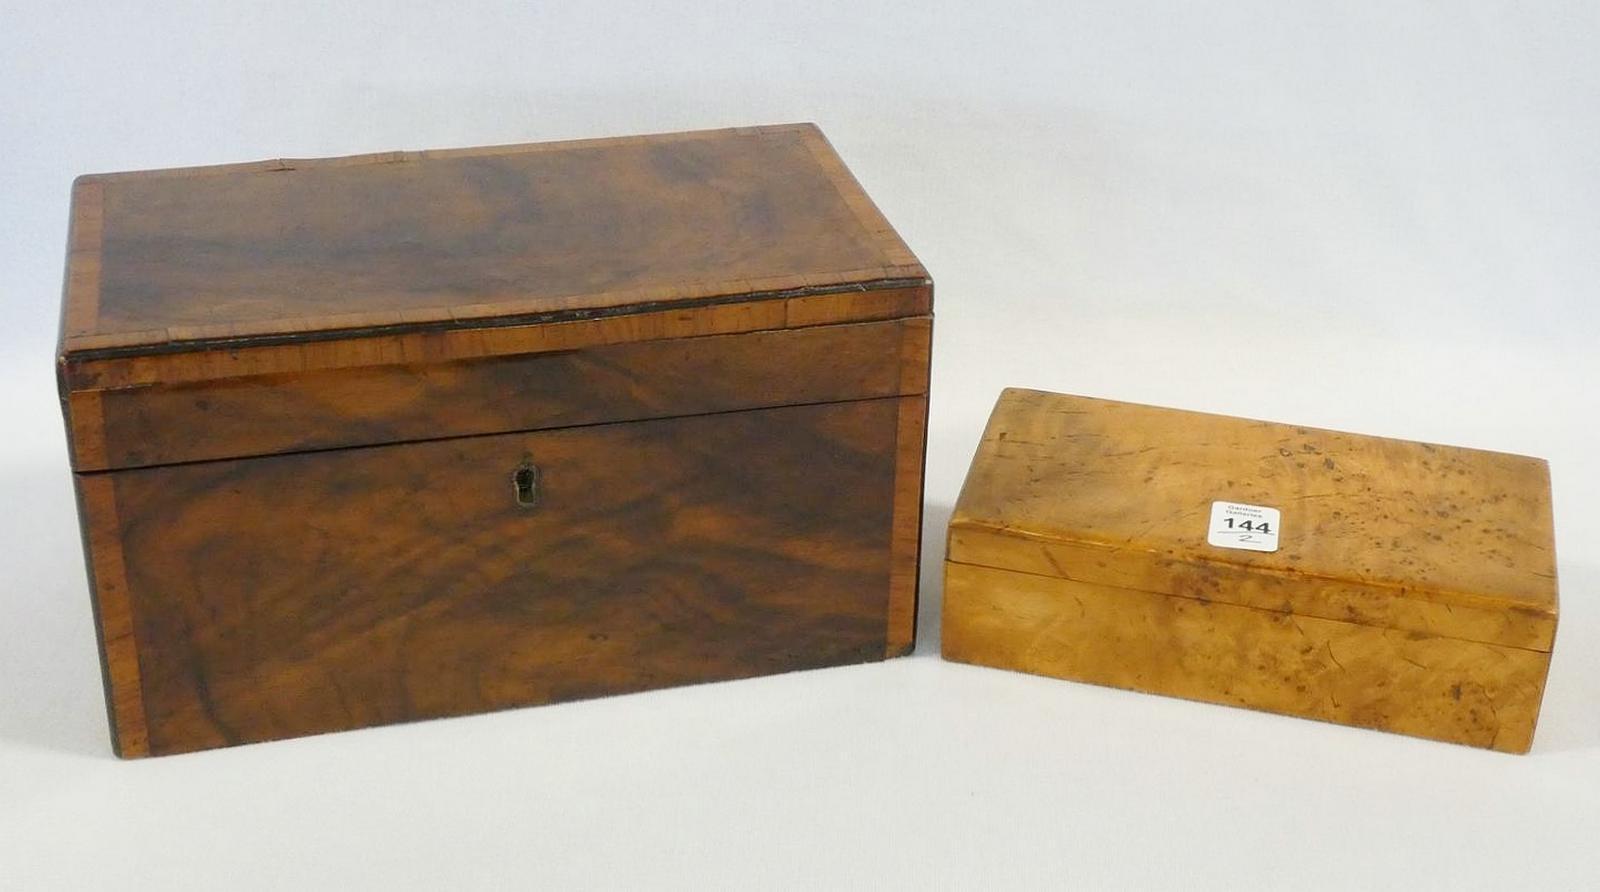 TEA CADDY AND CIGARETTE BOX